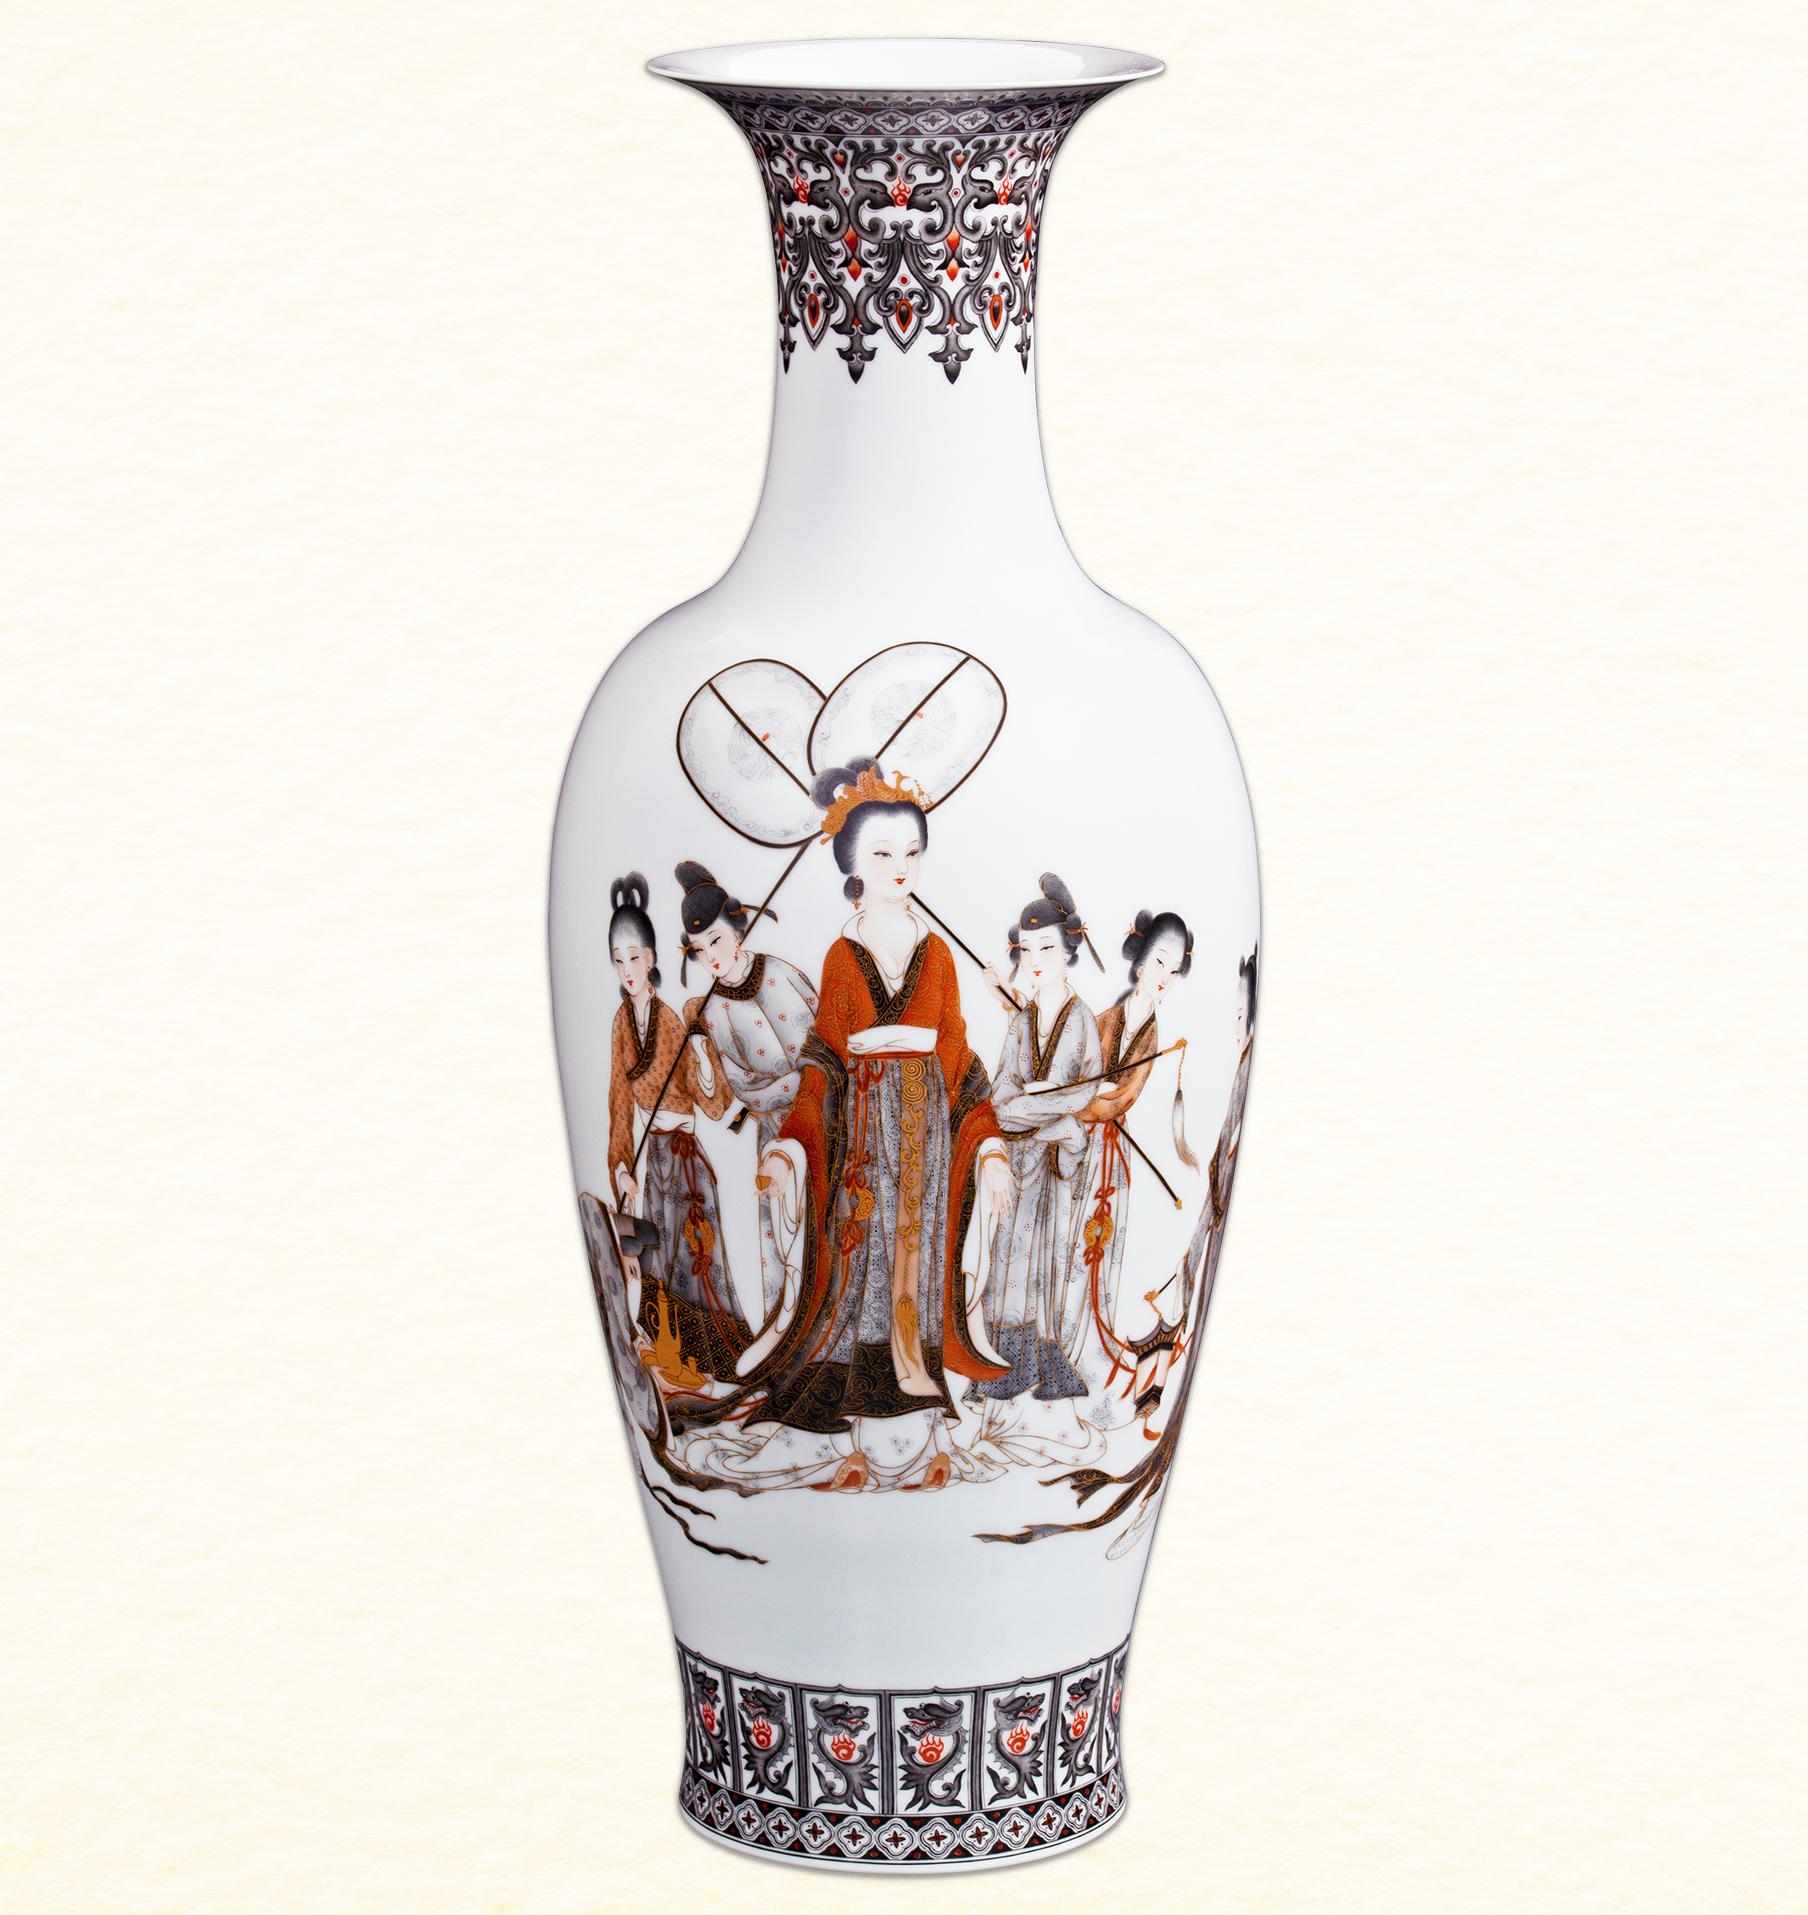 《贵妃出阁》墨彩描金瓷瓶/夏忠勇 - 综合装饰 - 陶瓷